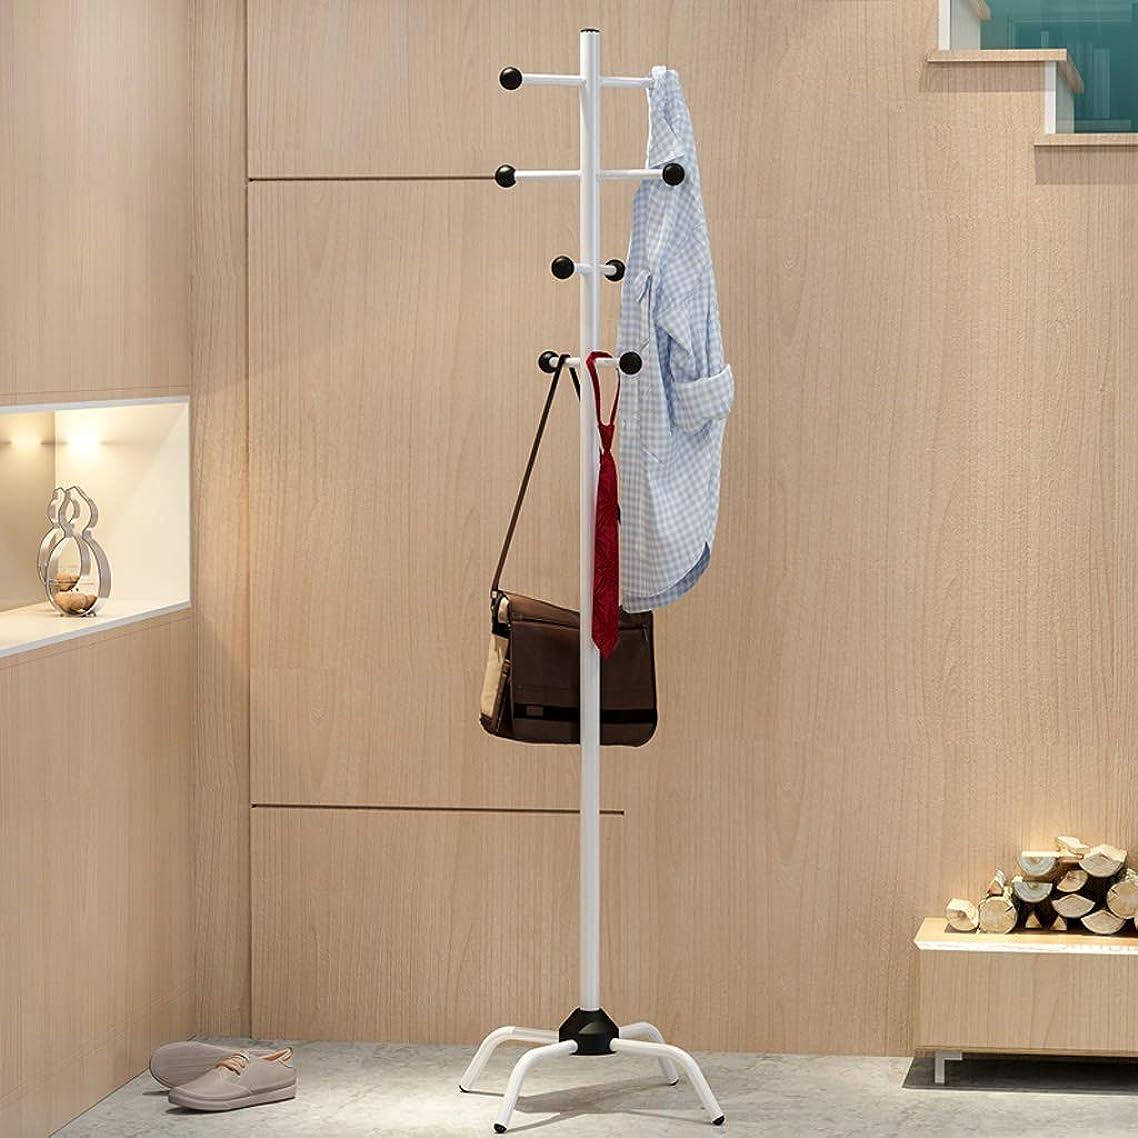 犯す温帯レッドデートTLMY 現代のミニマリストのフロアコートラック多機能家庭用寝室のリビングルームハンガー187.4×41センチ コートラック (Color : White)